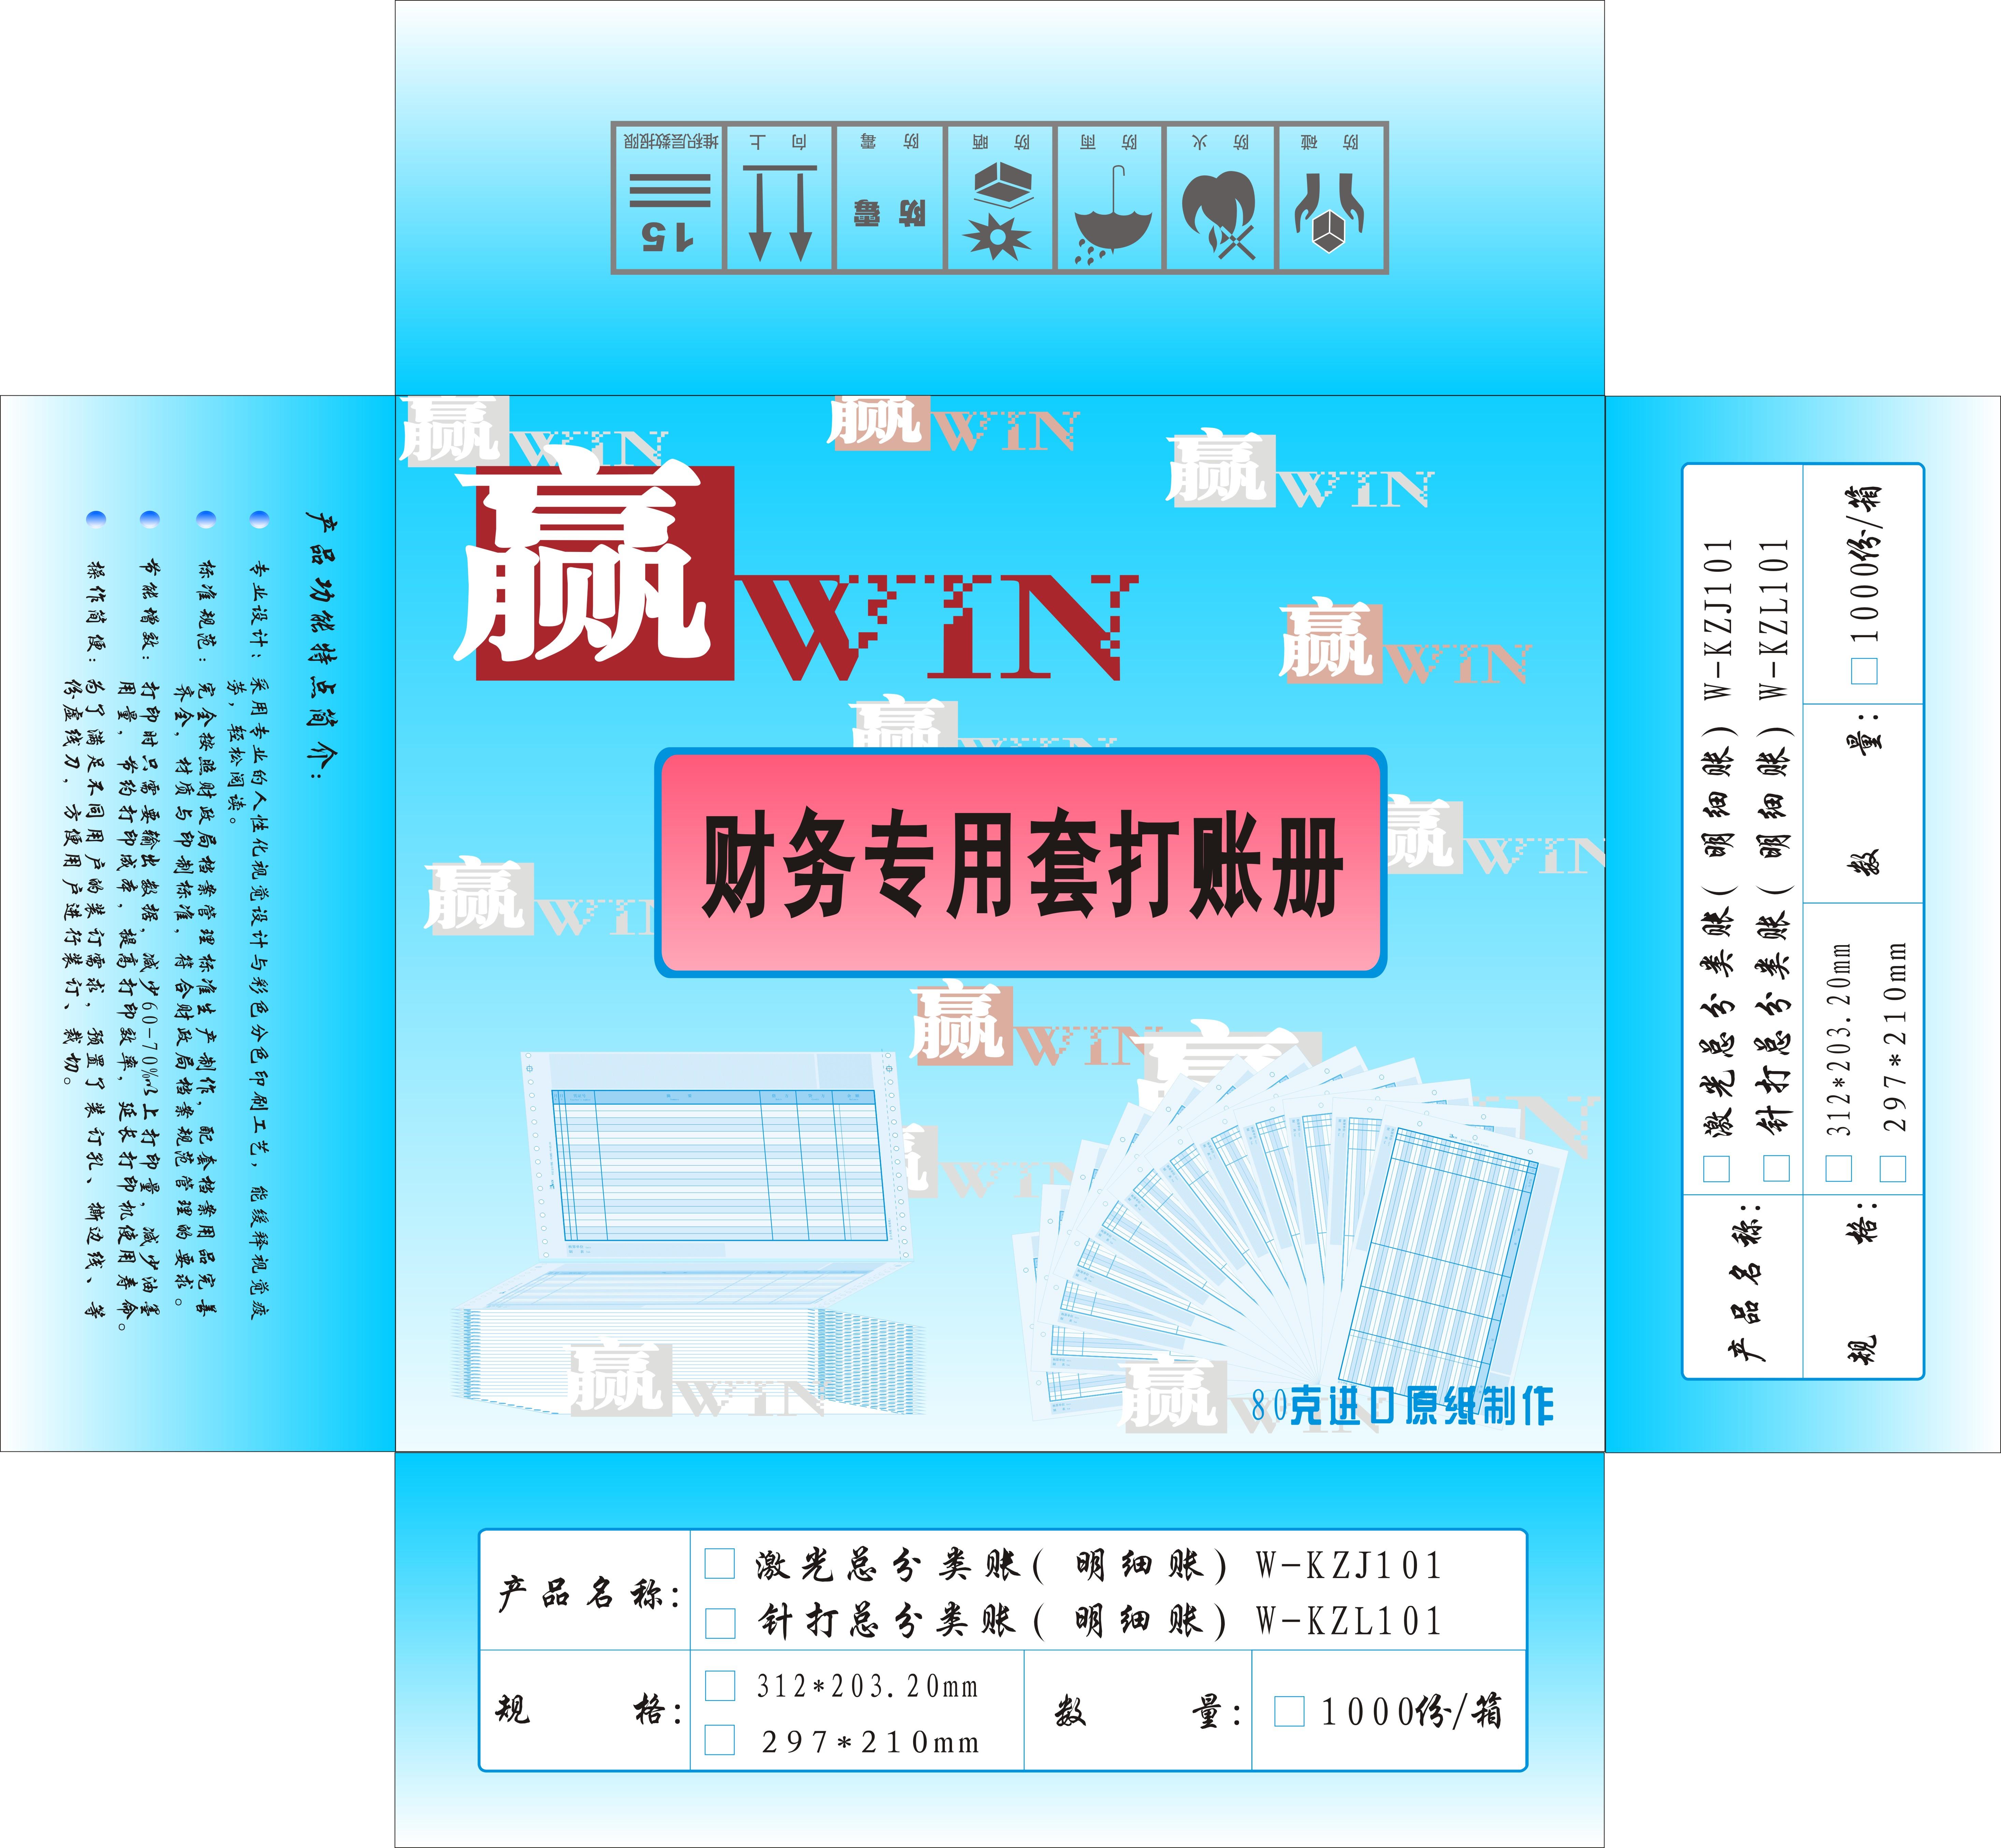 認可版-2款憑證